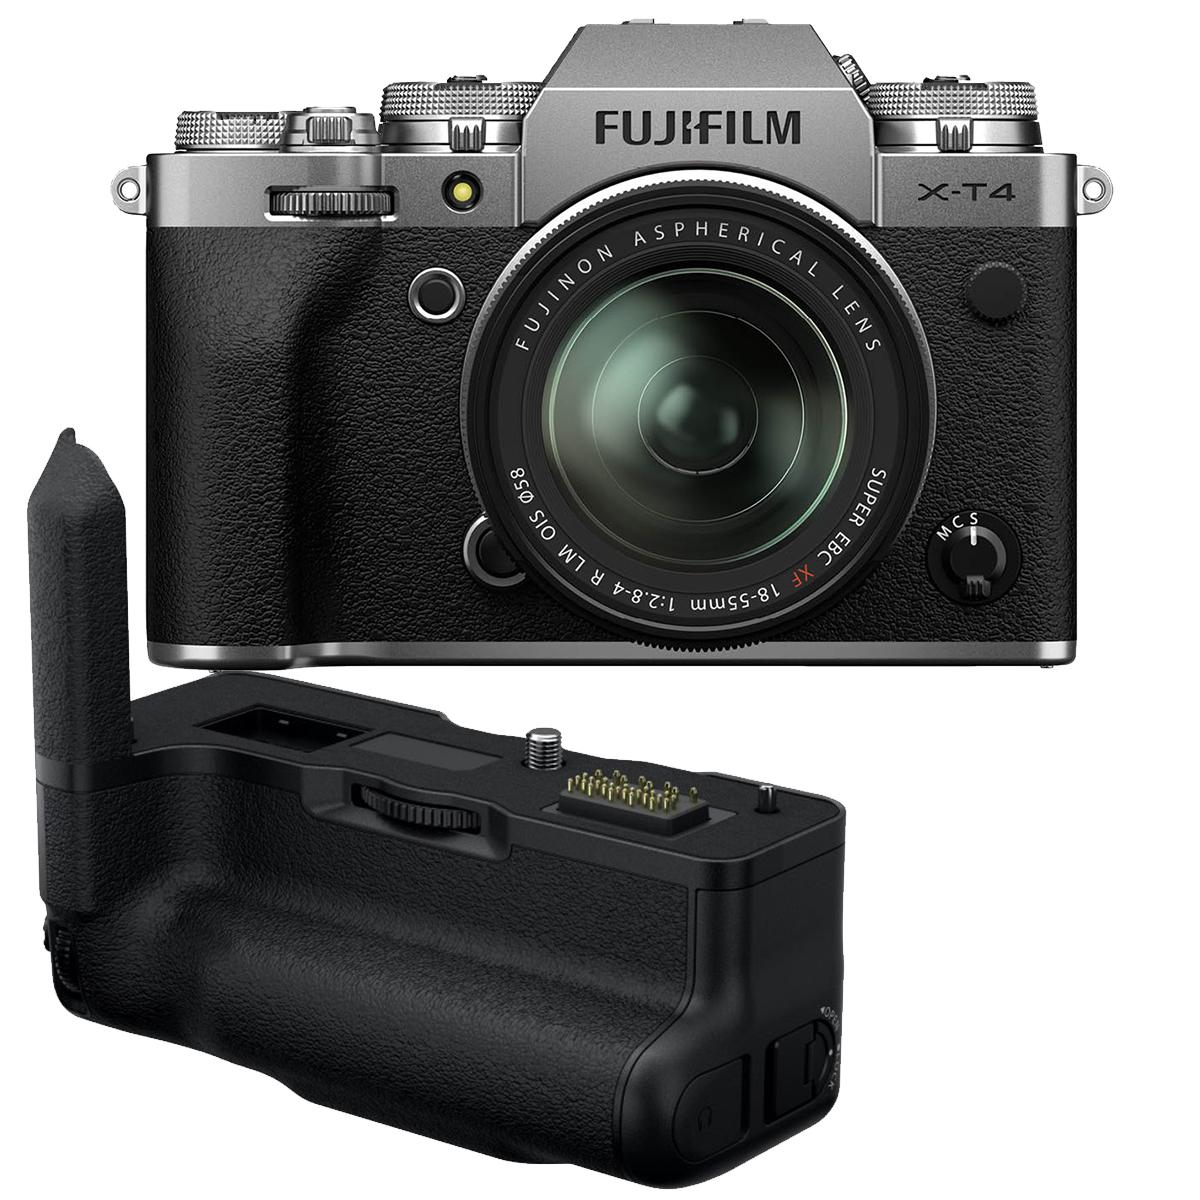 Fujifilm X-T4 Kit mit 18-55 mm 1:2,8-4 + VG-XT4 Handgriff  silber